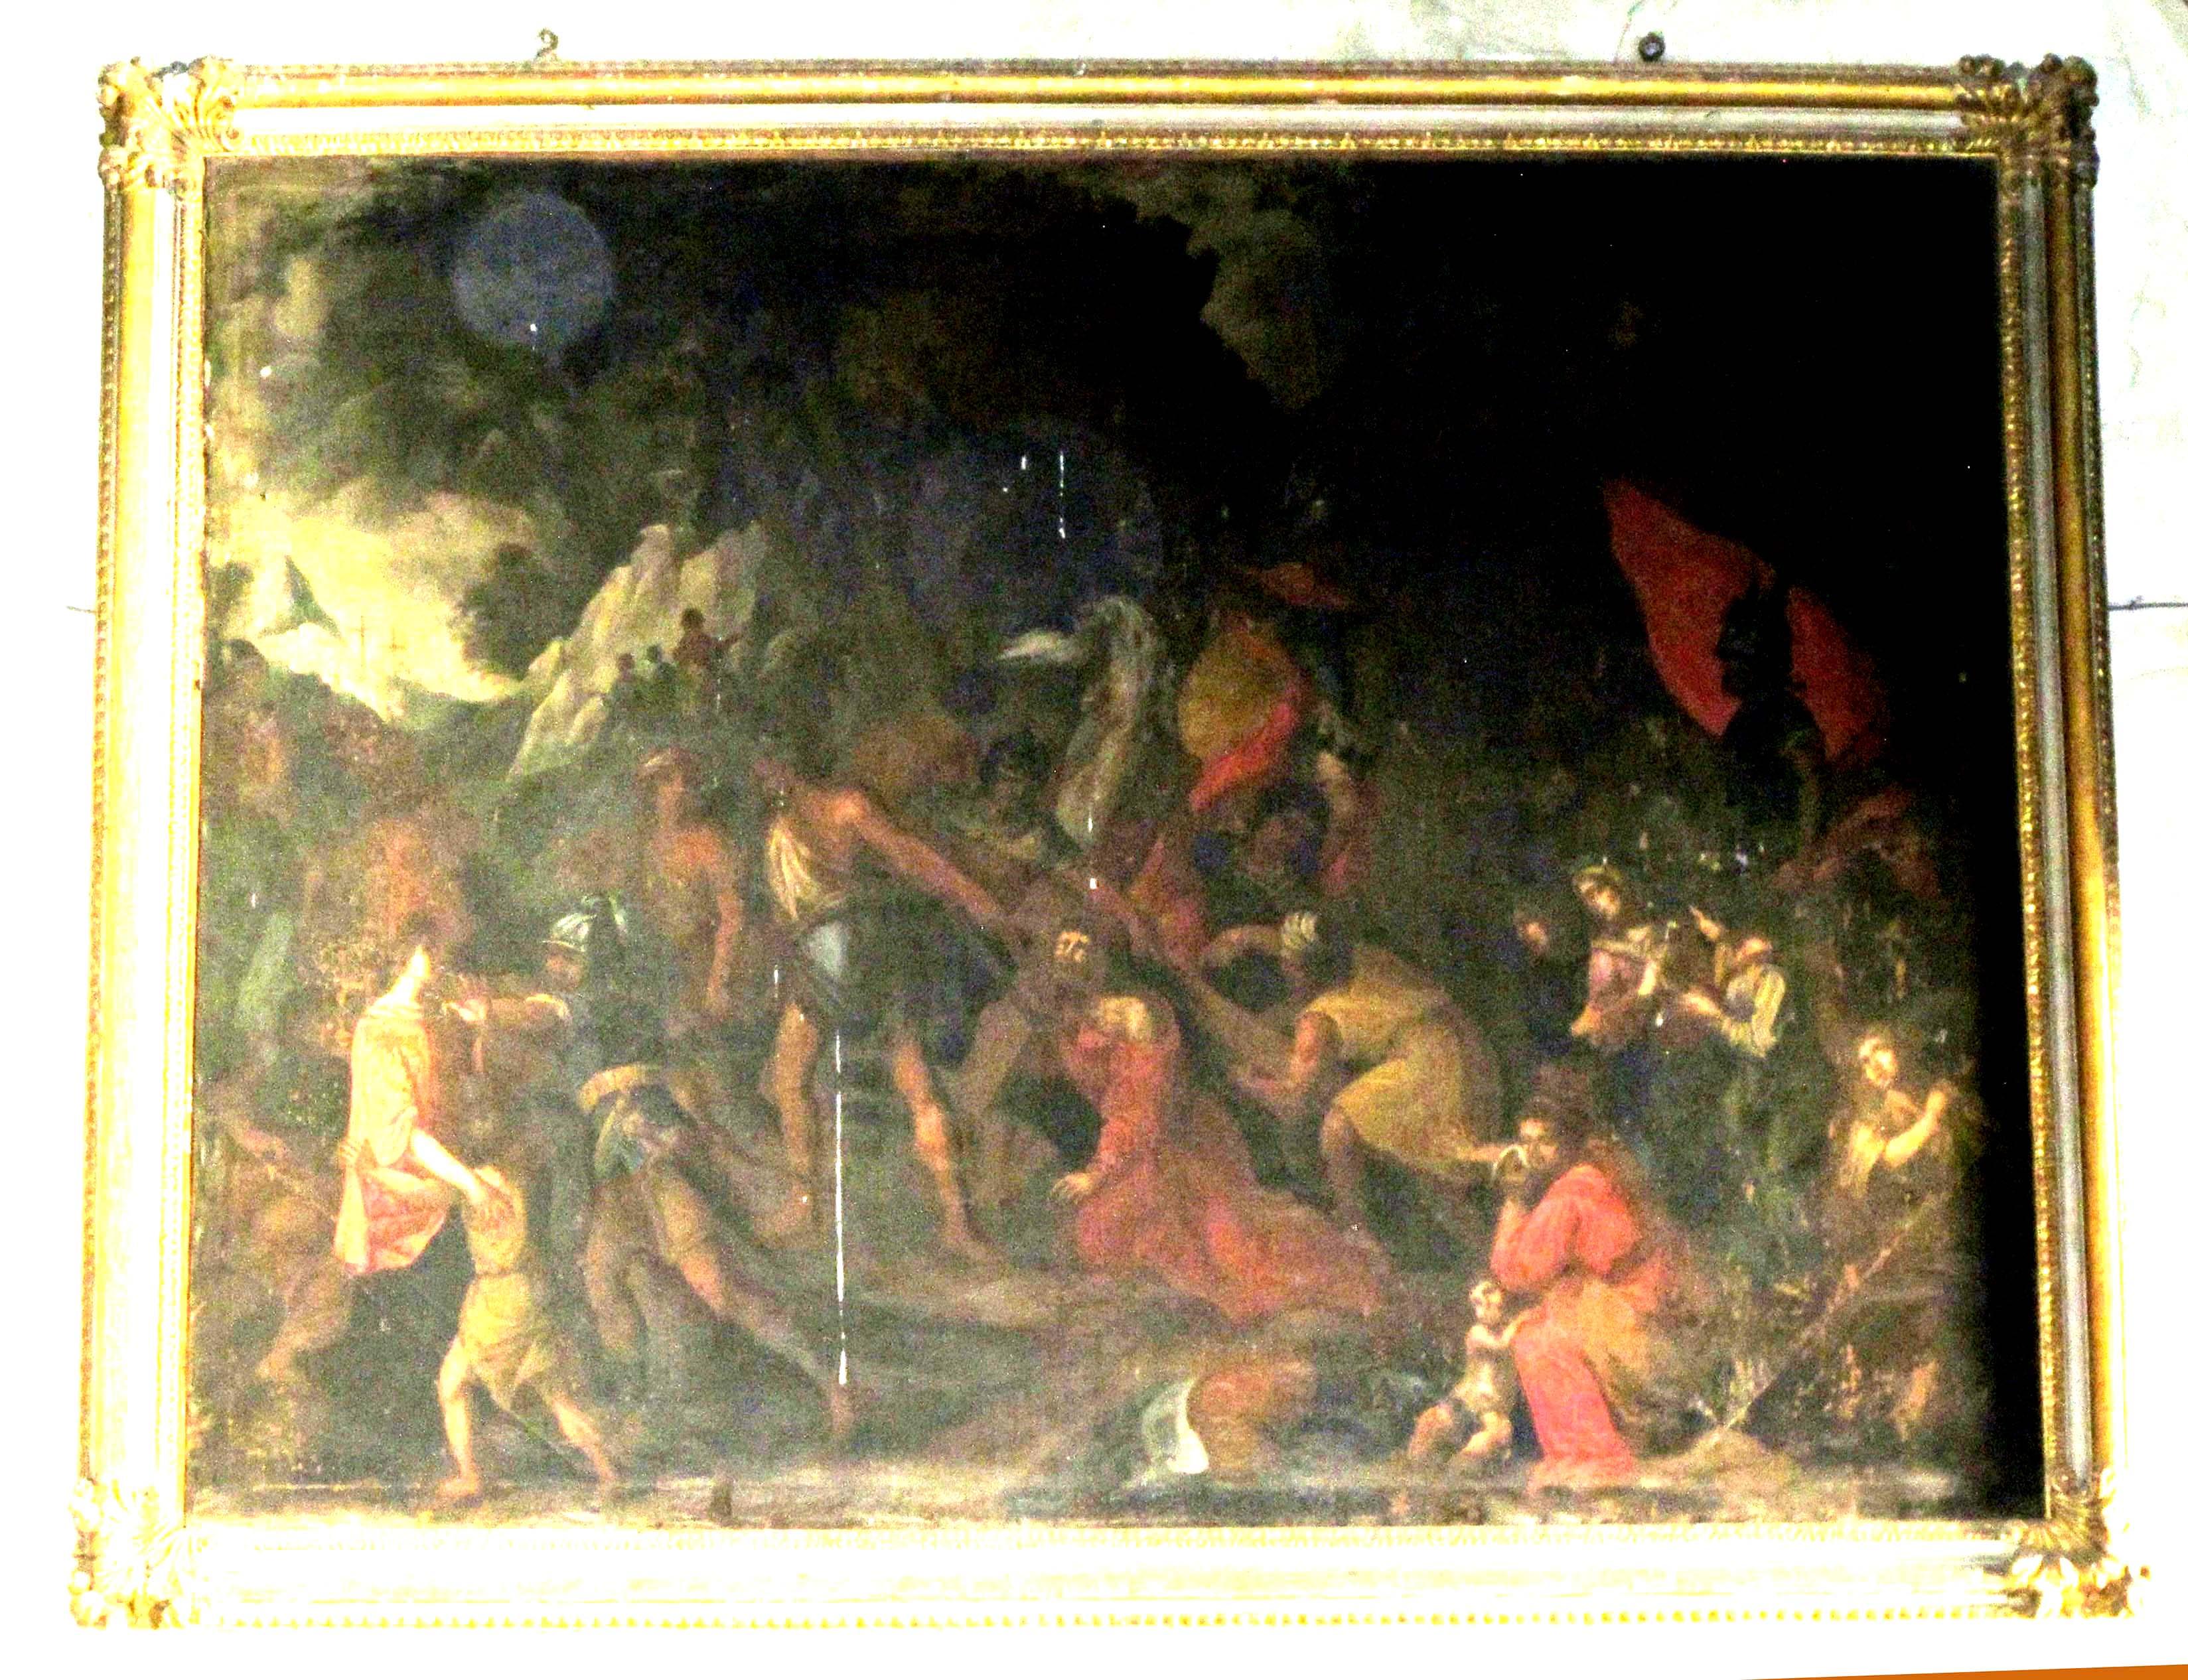 IGNOTO PITTORE ROMANO, Salita di Gesù al Calvario (sec. XVII)